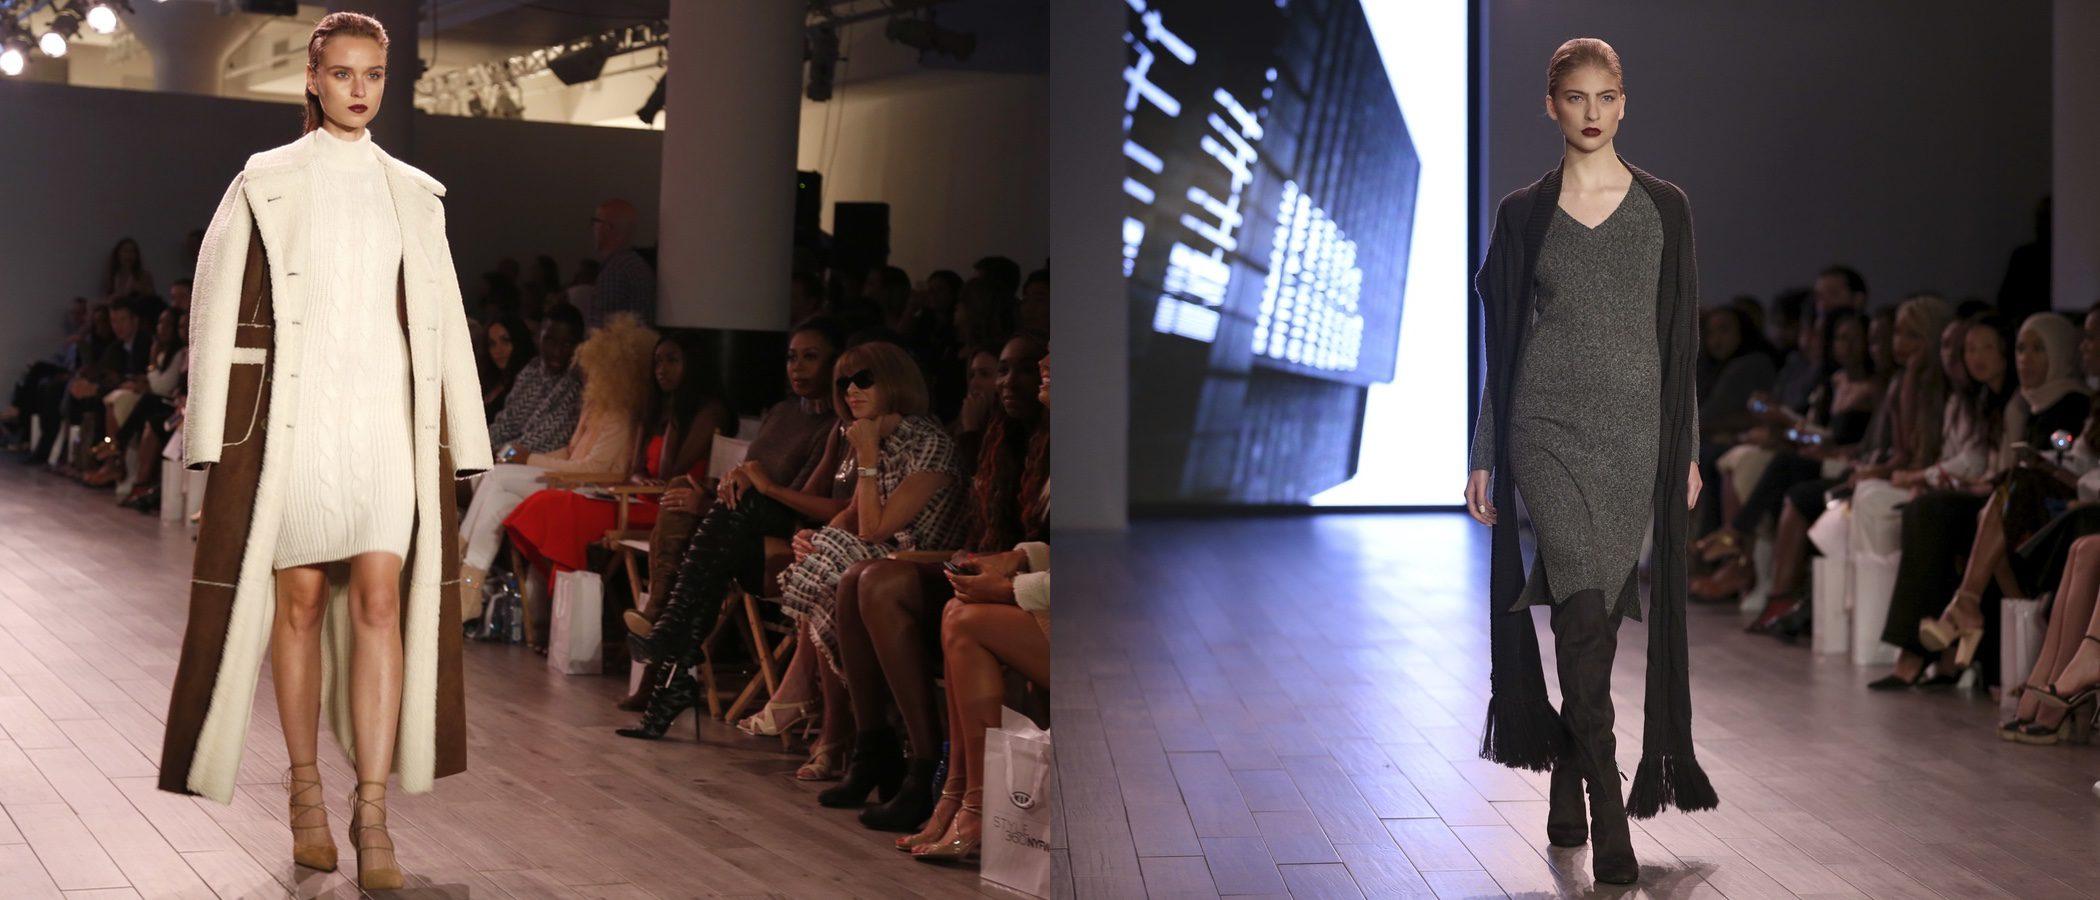 Serena Williams vuelve a subir su colección a la pasarela de la Semana de la Moda de Nueva York